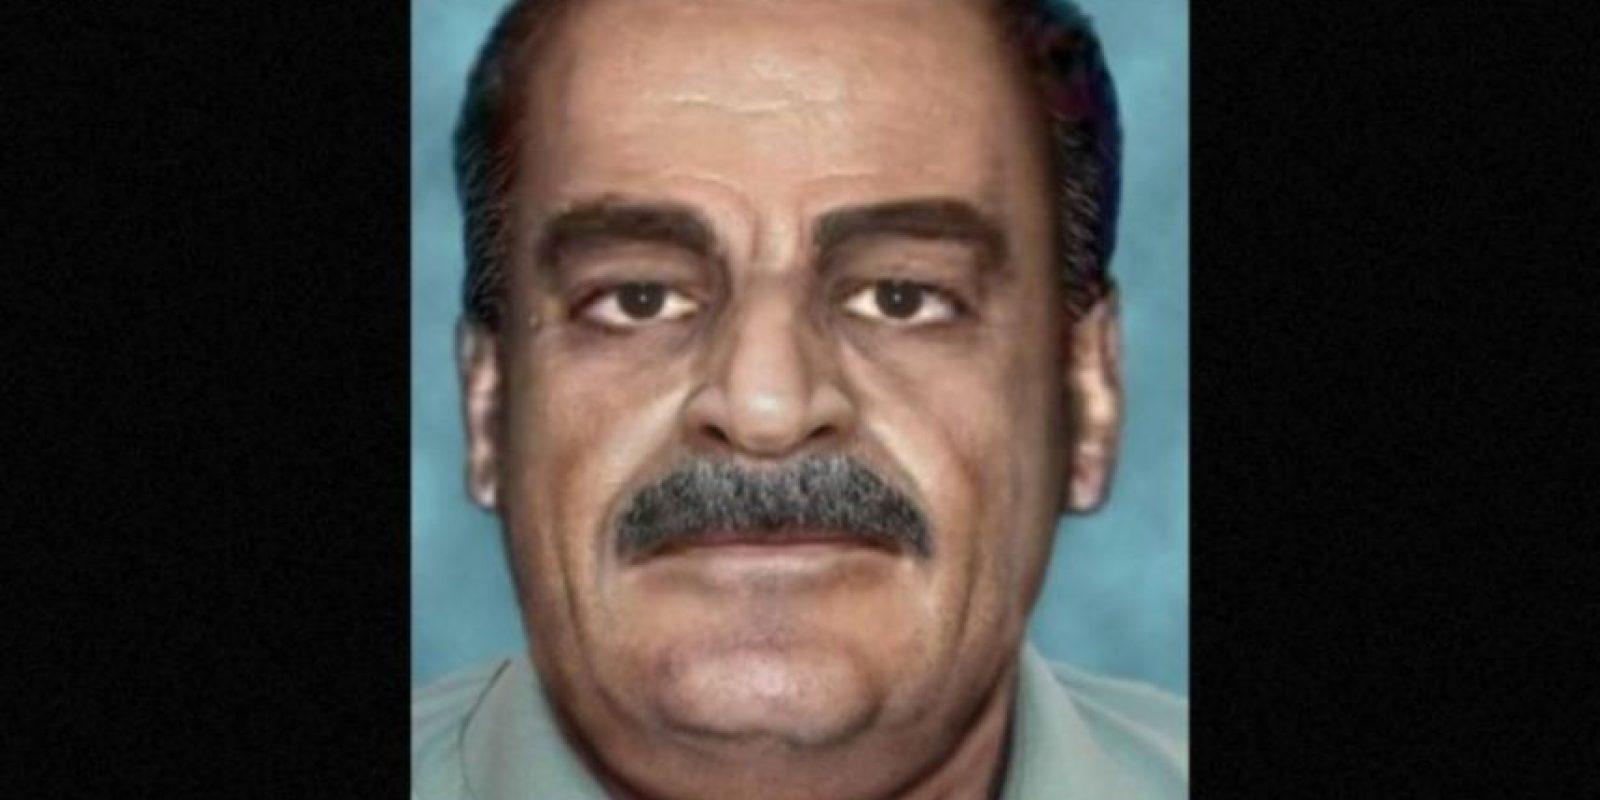 Originario de Egipto, es buscado por el asesinato de sus dos hijas adolescentes en 2008 Foto:fbi.gov/wanted/topten. Imagen Por: